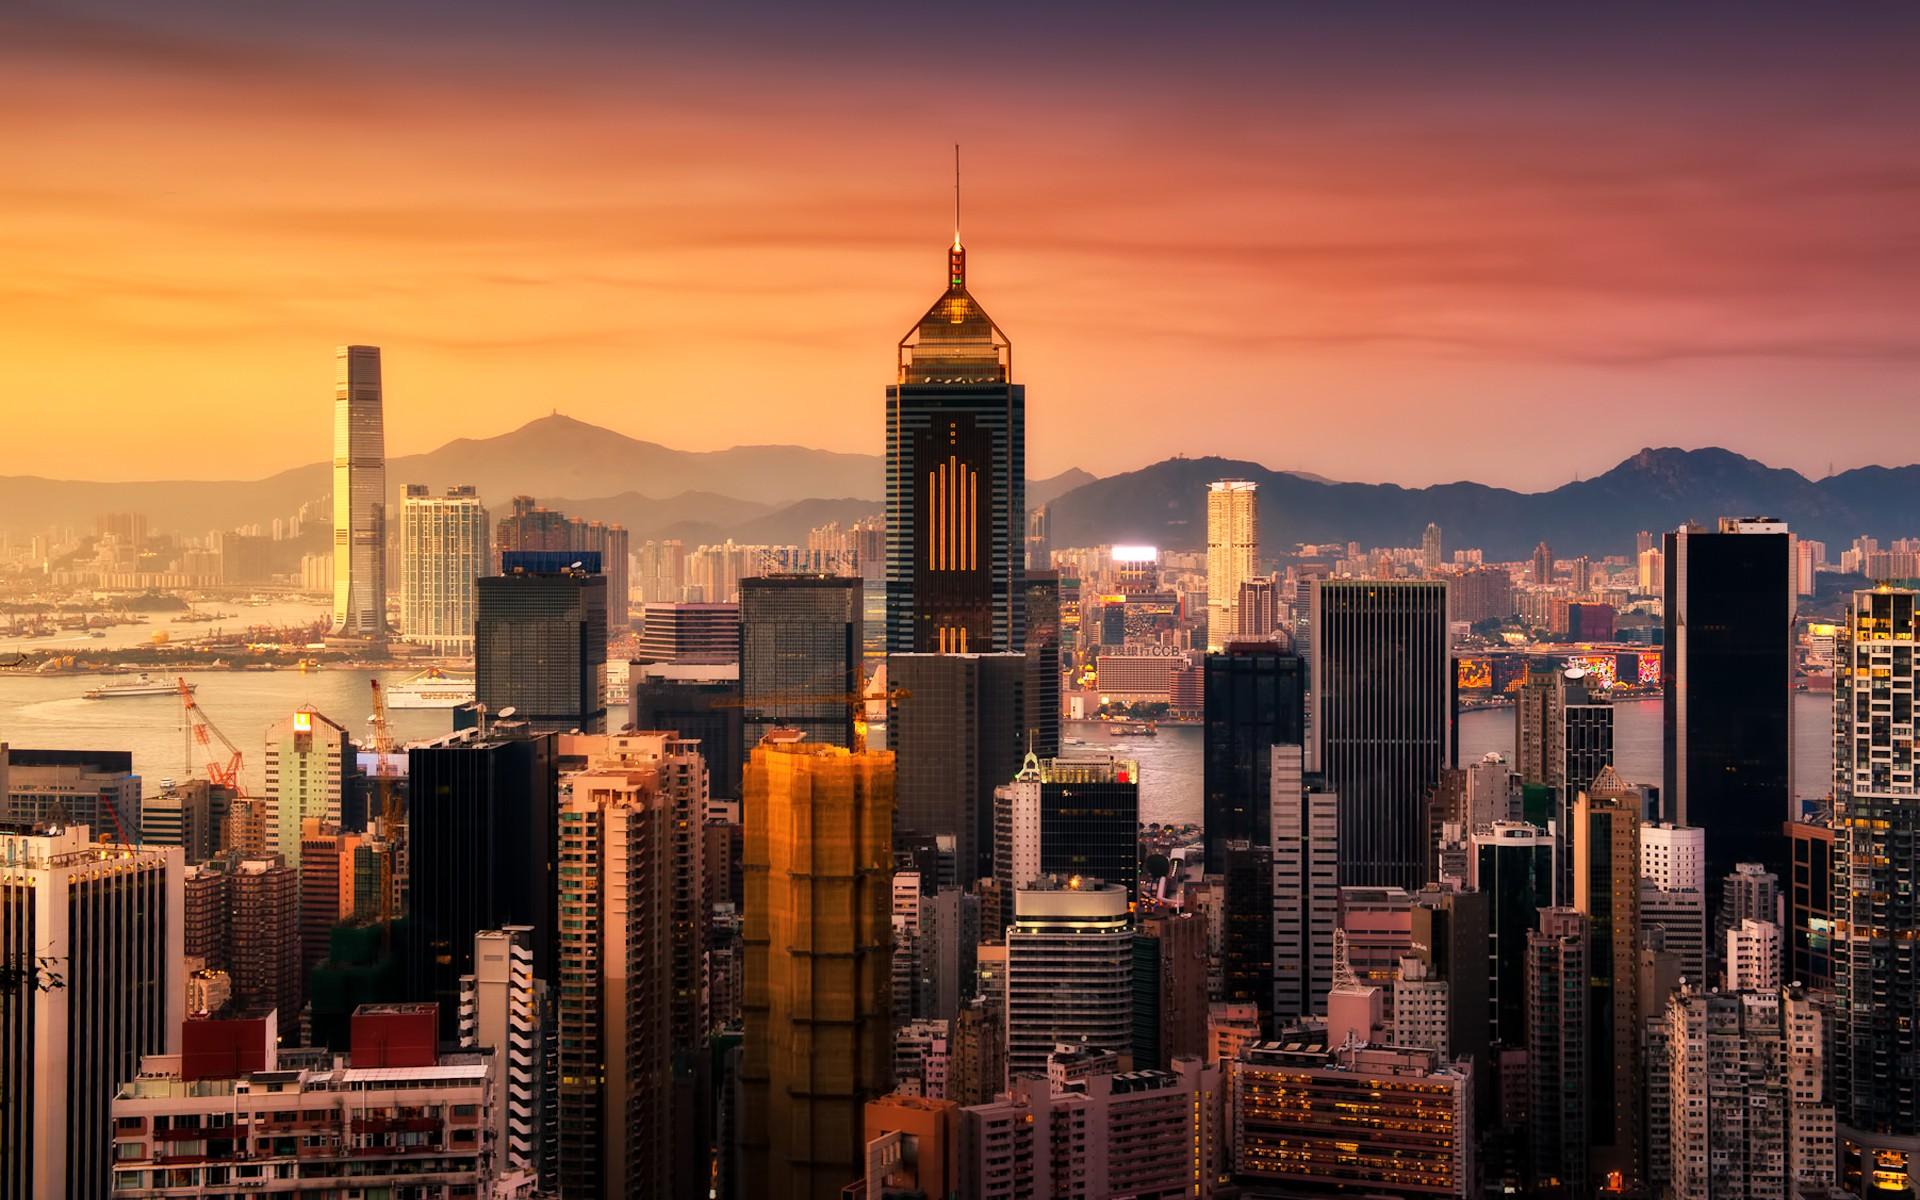 Hong Kong at Sunrise